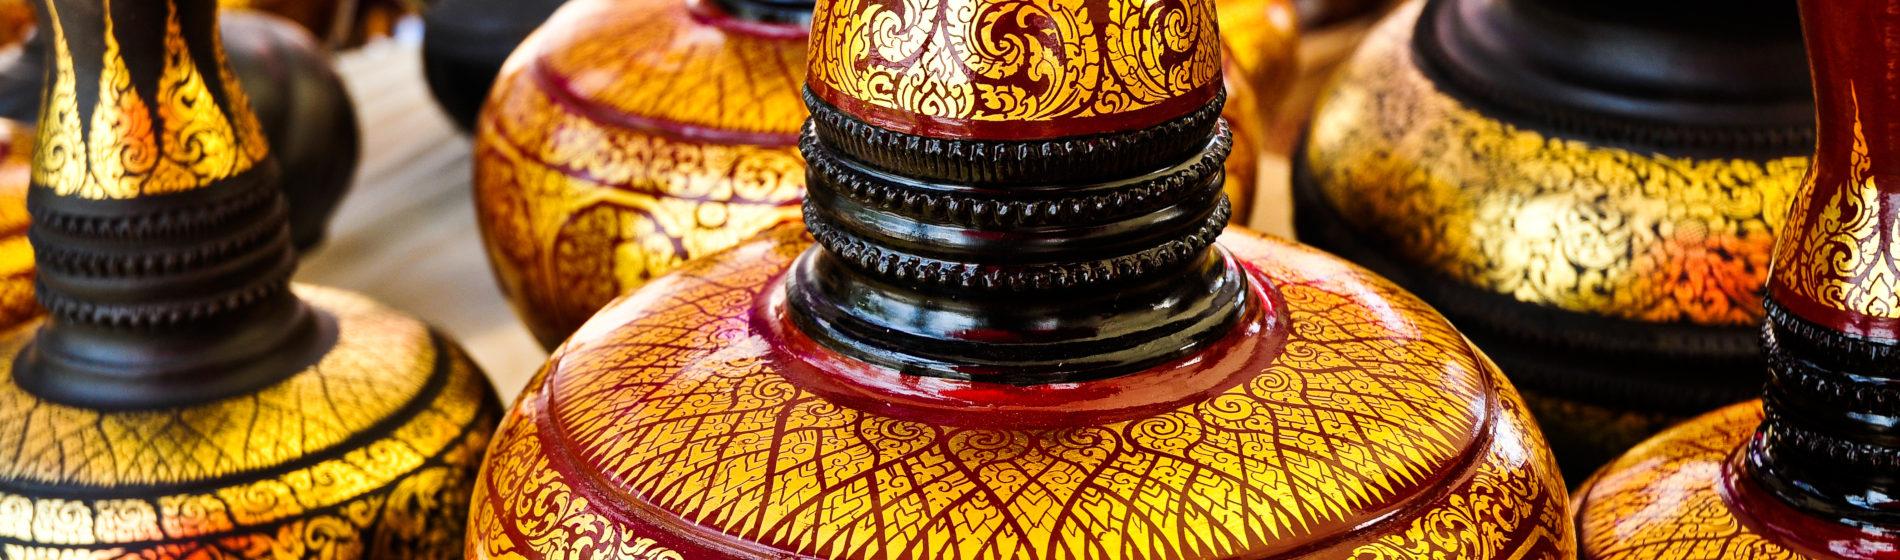 lacquerware